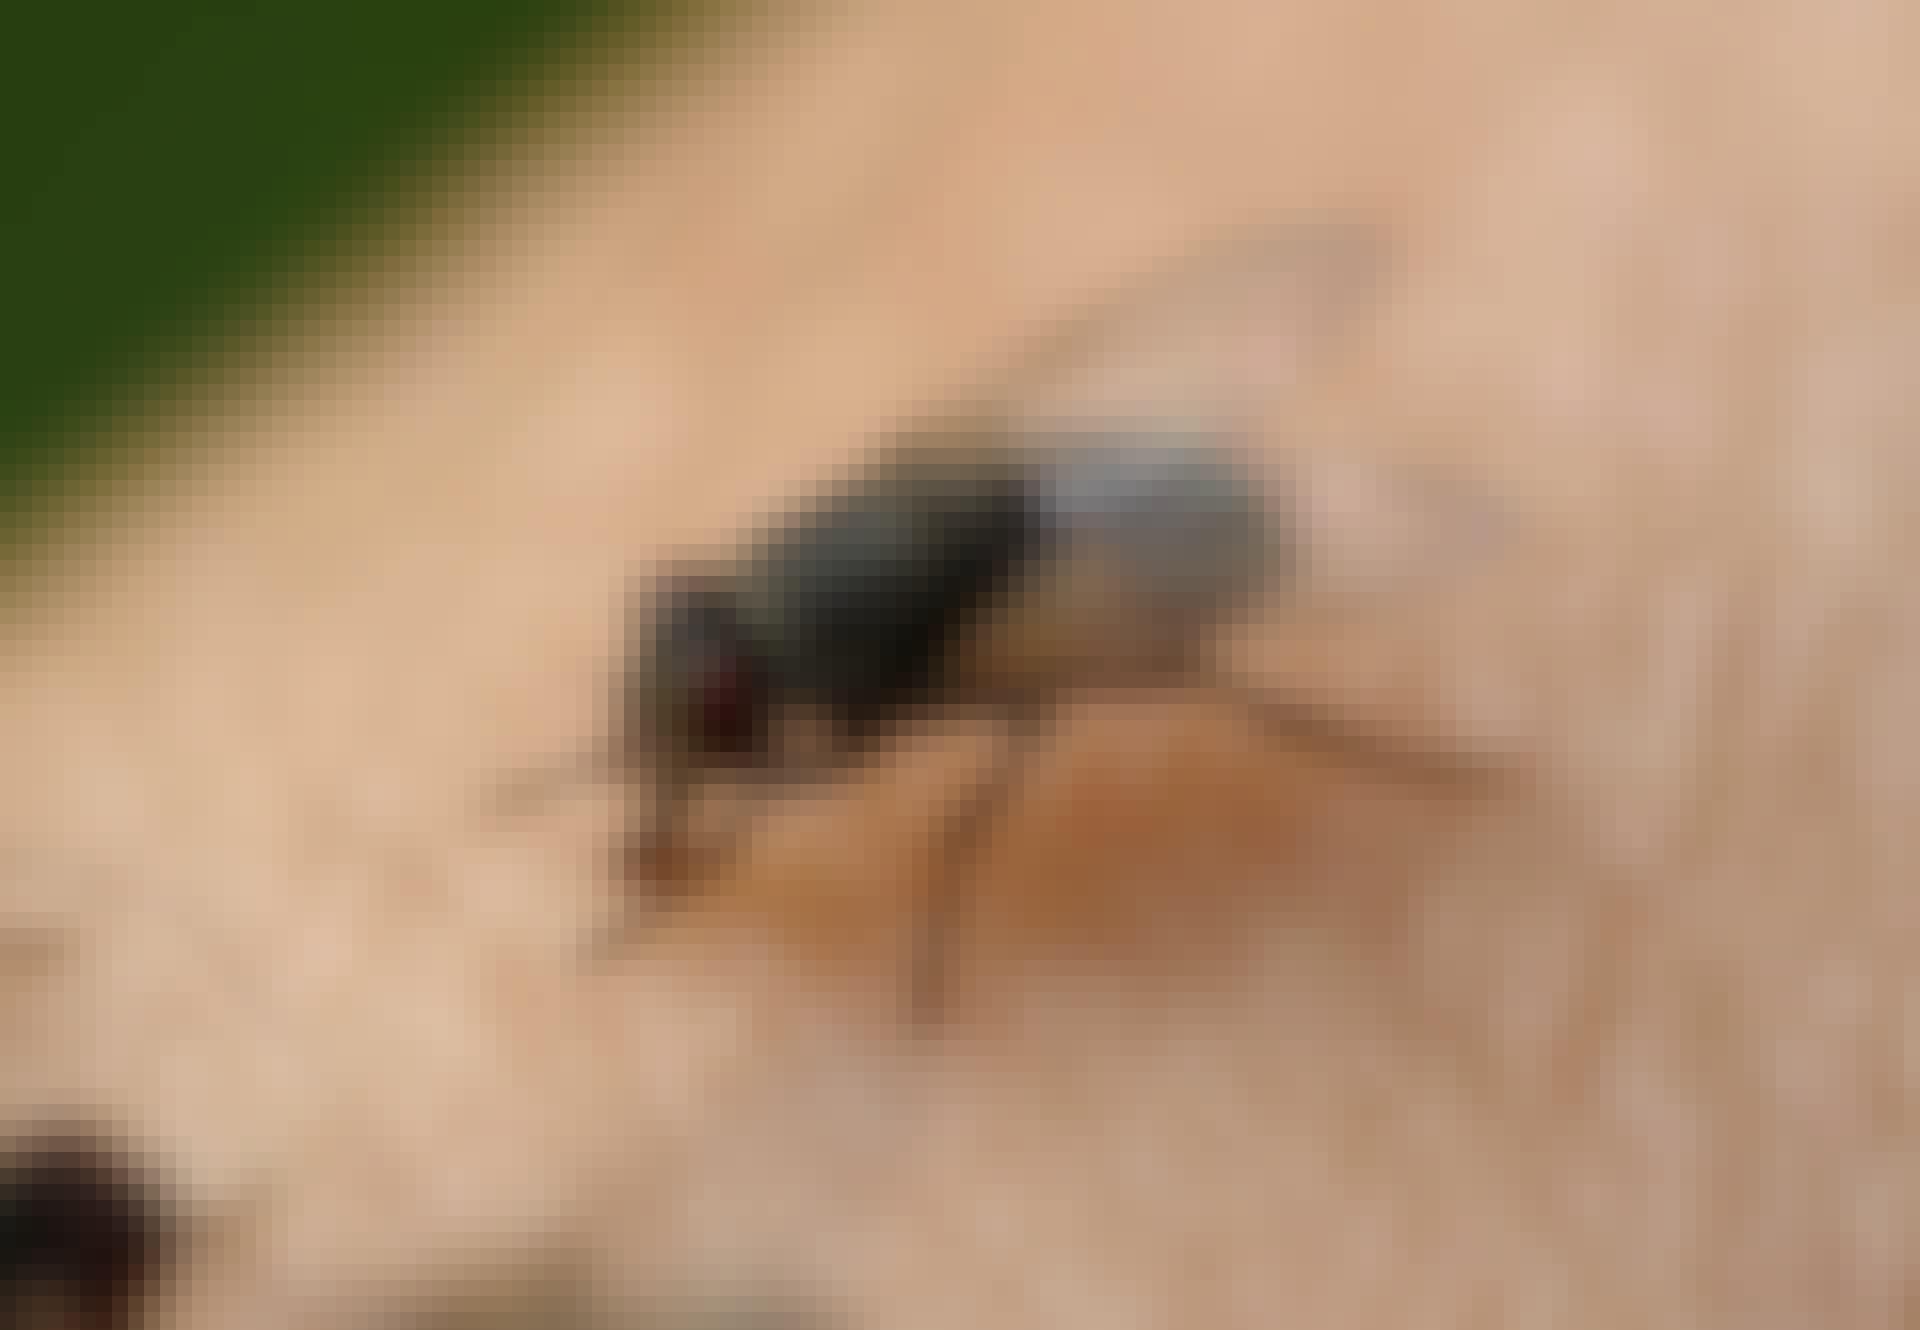 Flue sitter på menneske